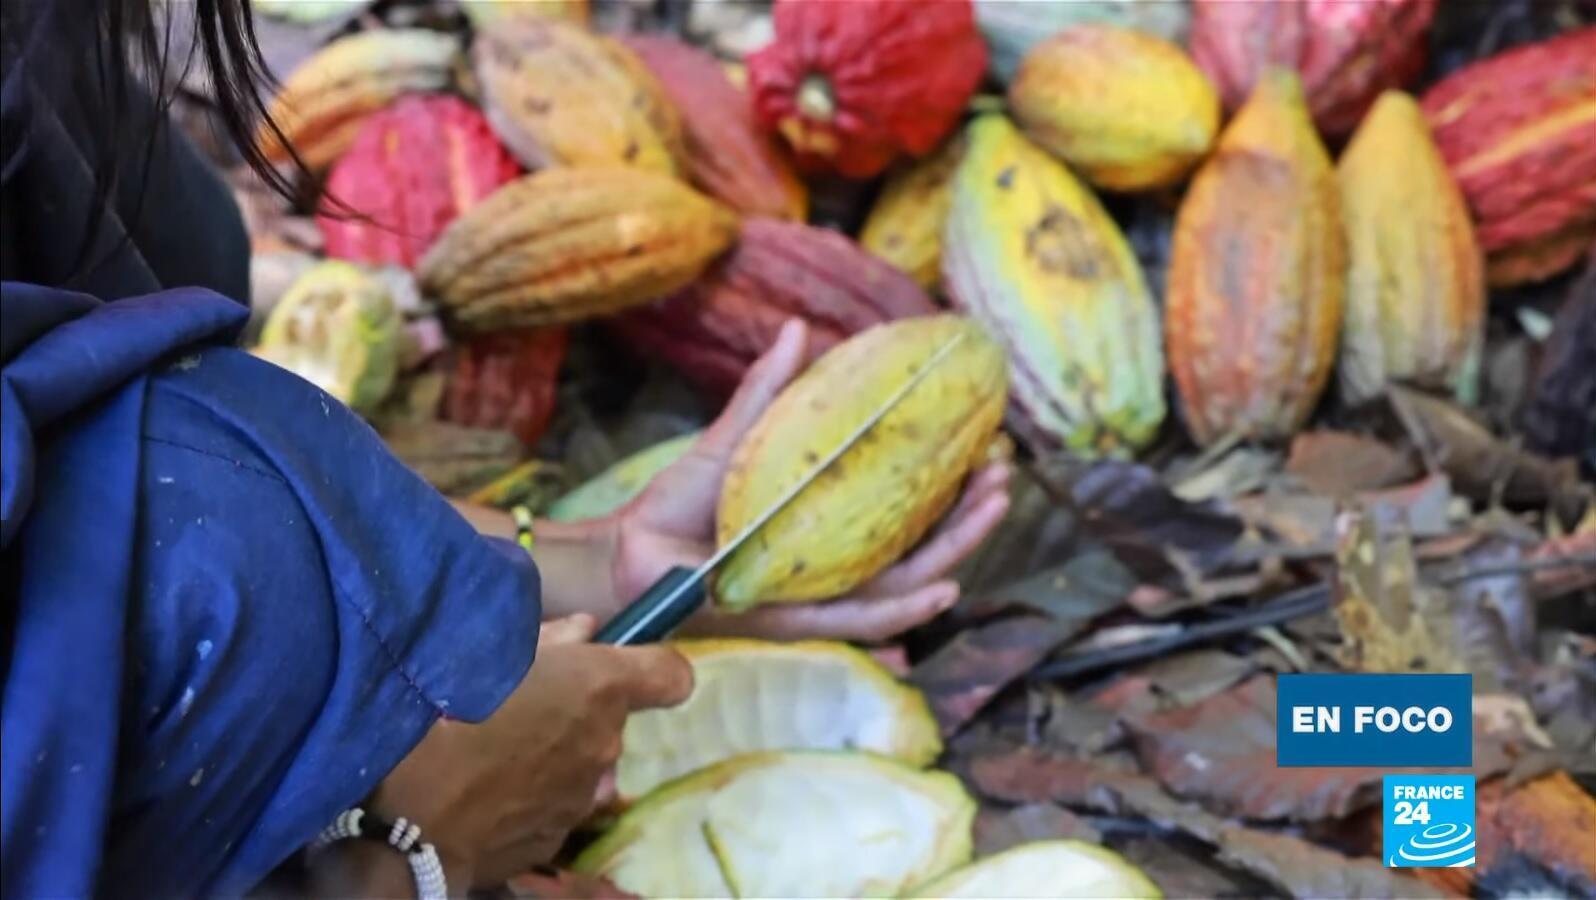 en foco - cacao Perú